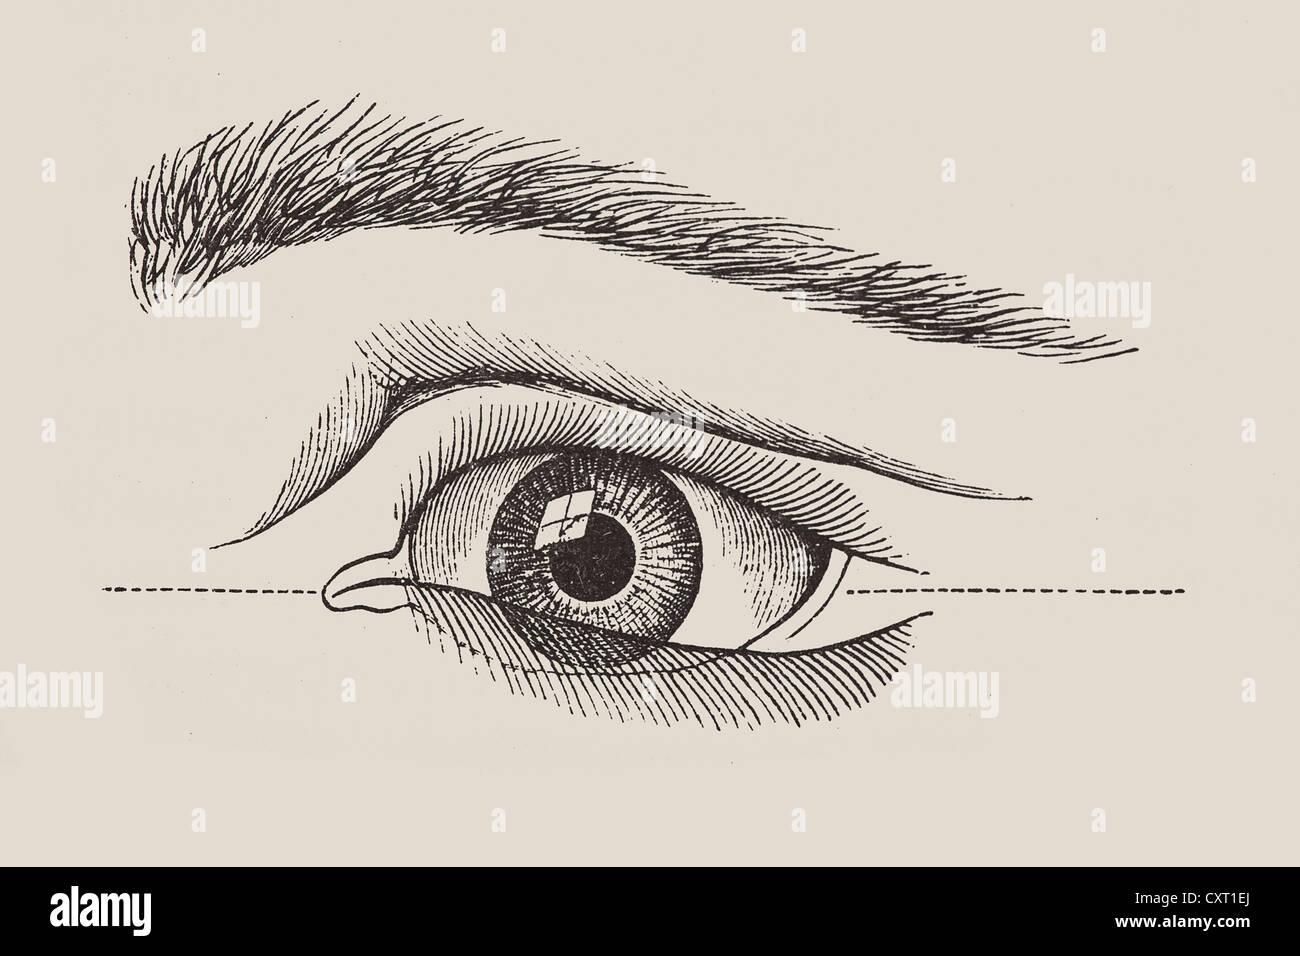 Anatomical Drawing Eye Eyes Stock Photos & Anatomical Drawing Eye ...